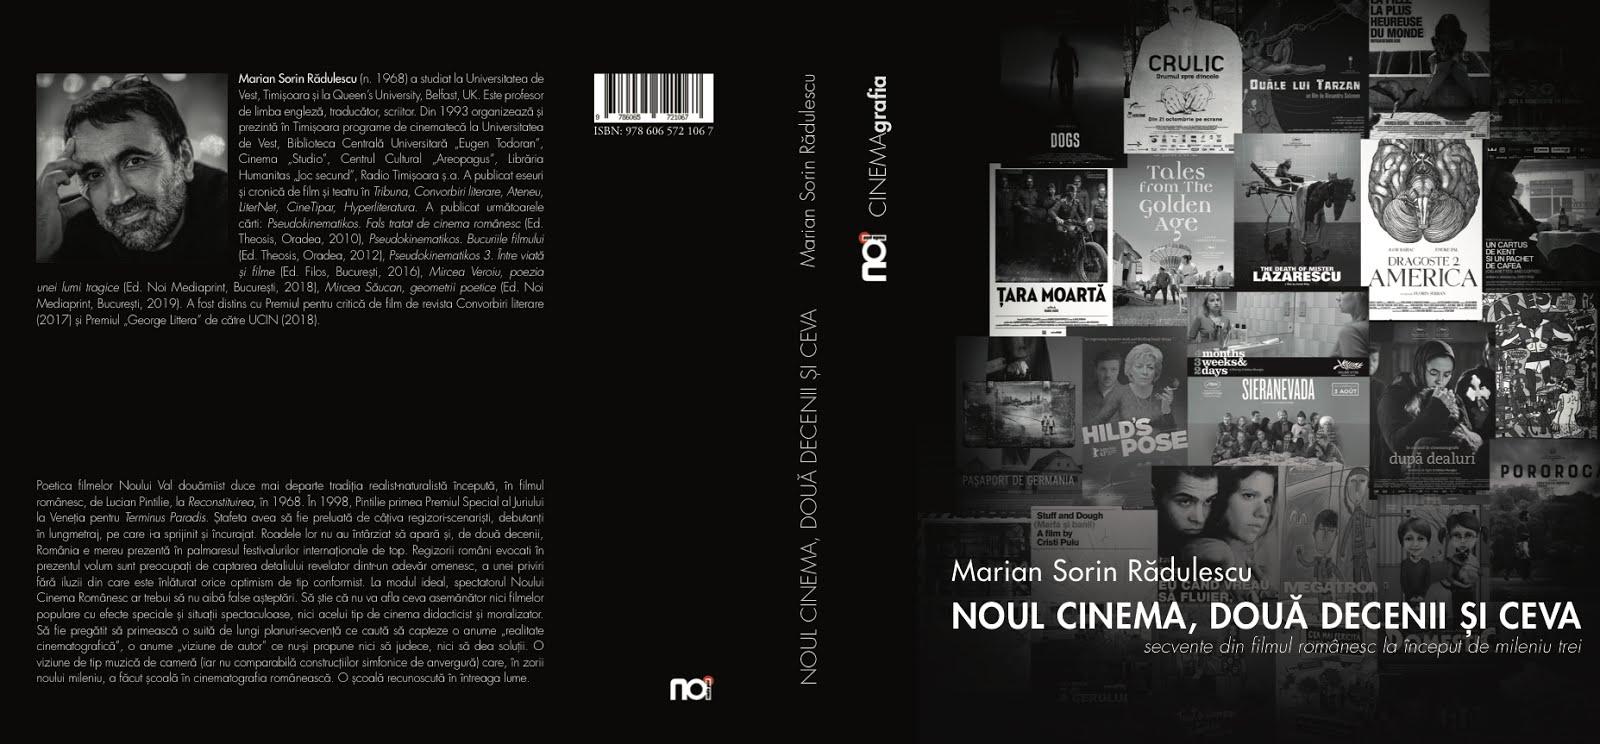 Noul Cinema - două decenii și ceva